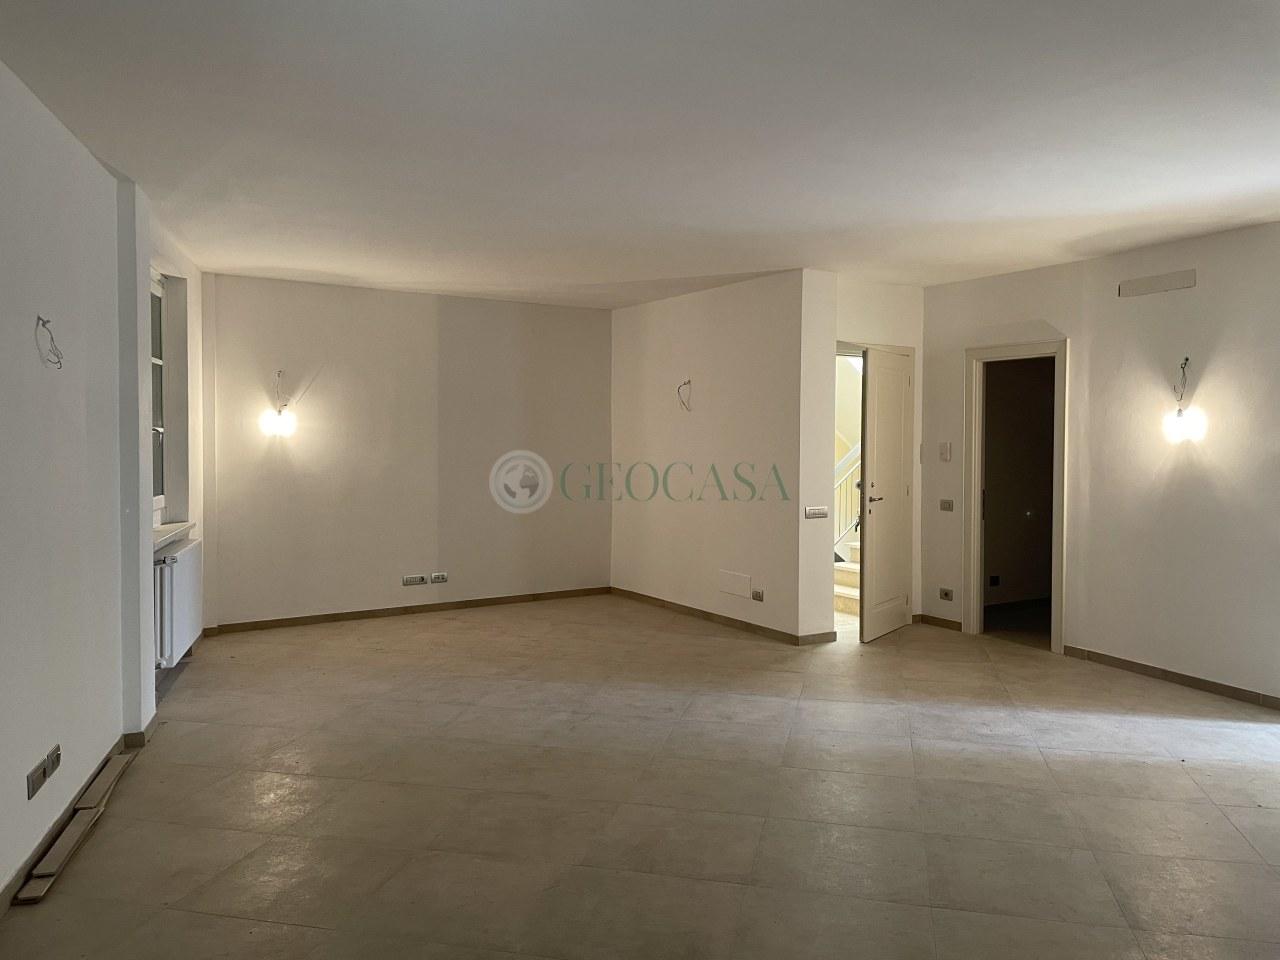 Attico / Mansarda in vendita a Sarzana, 5 locali, prezzo € 395.000 | PortaleAgenzieImmobiliari.it